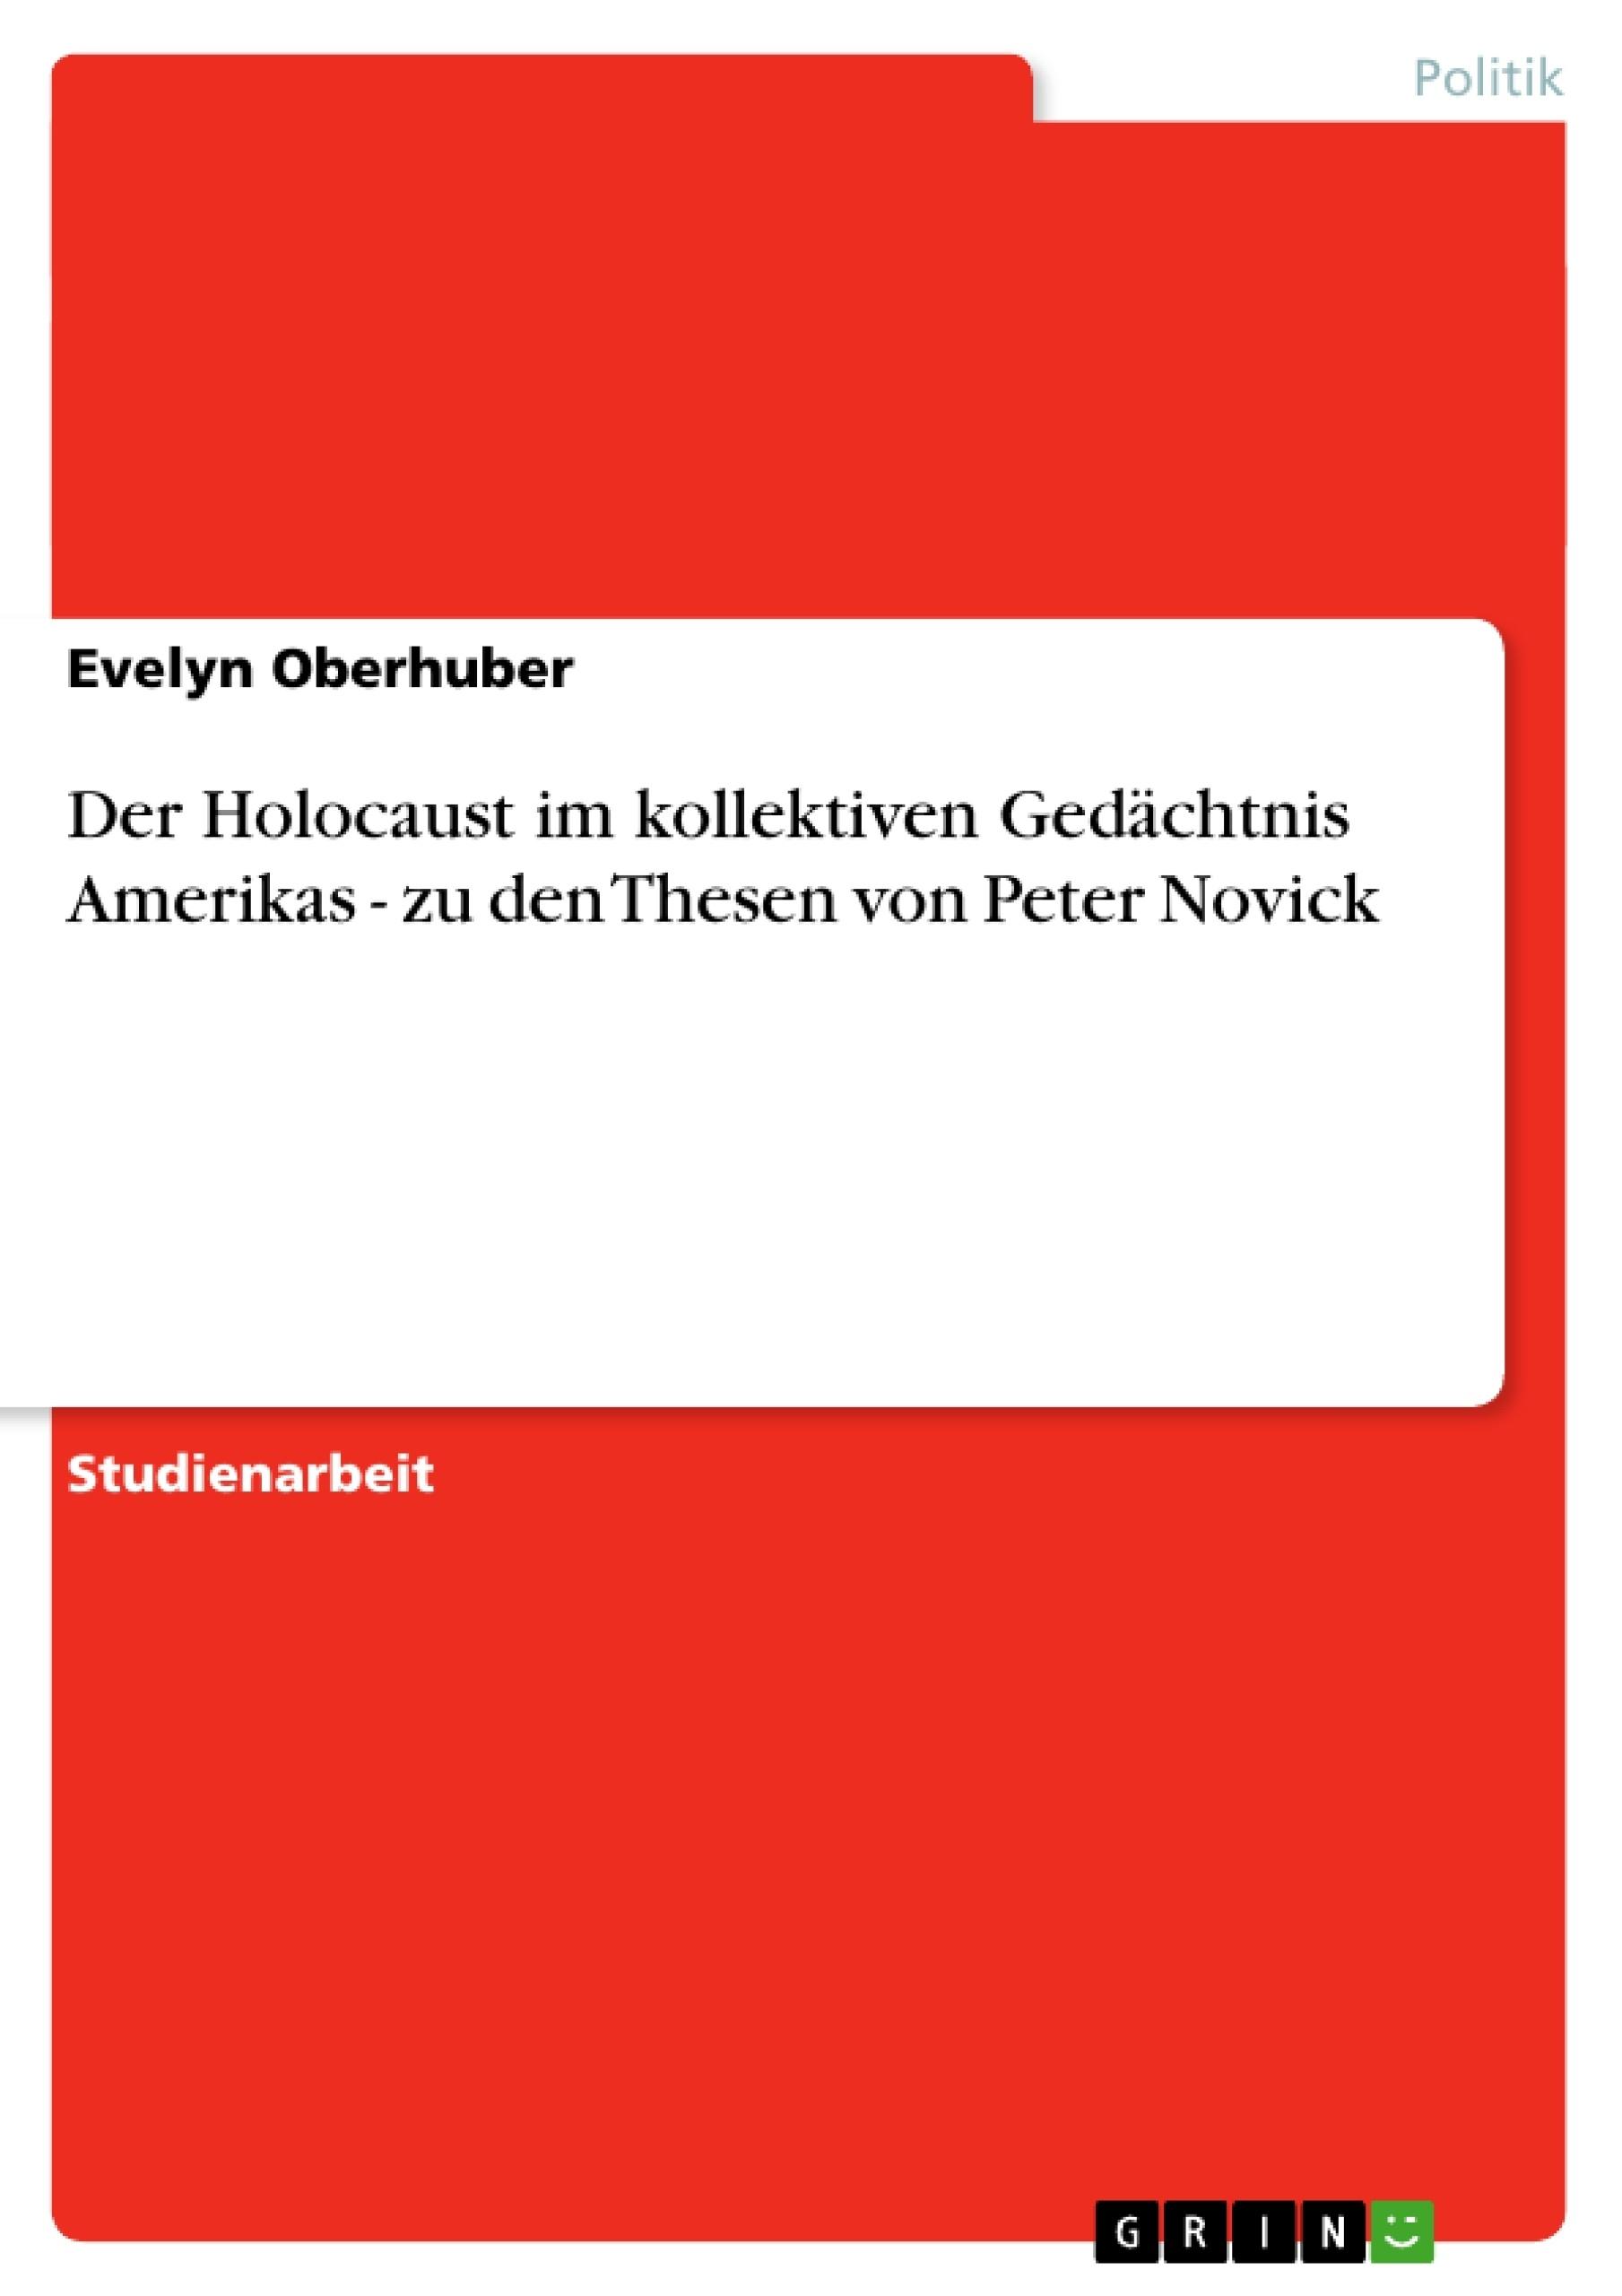 Titel: Der Holocaust im kollektiven Gedächtnis Amerikas - zu den Thesen von Peter Novick